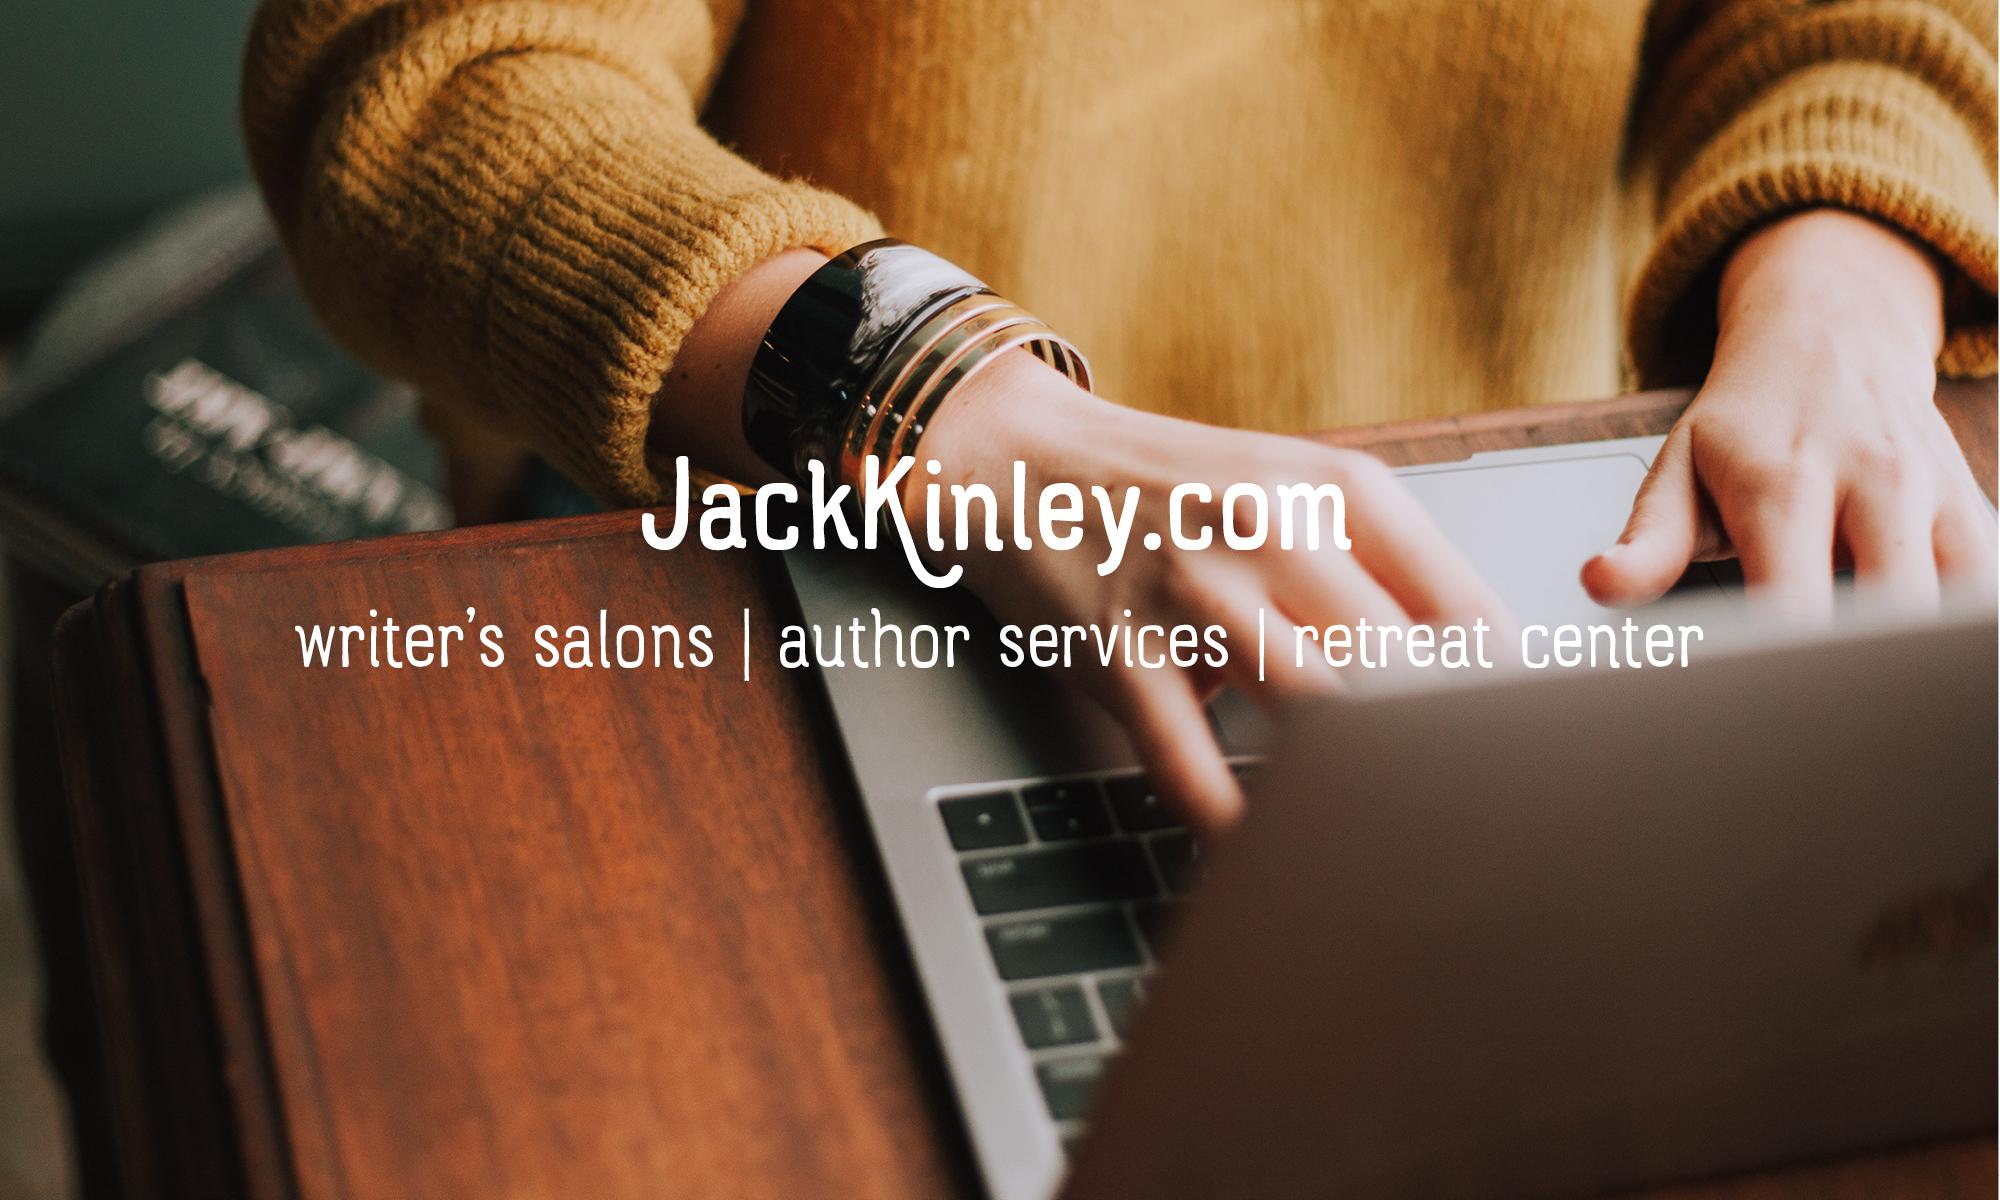 Jack Kinley